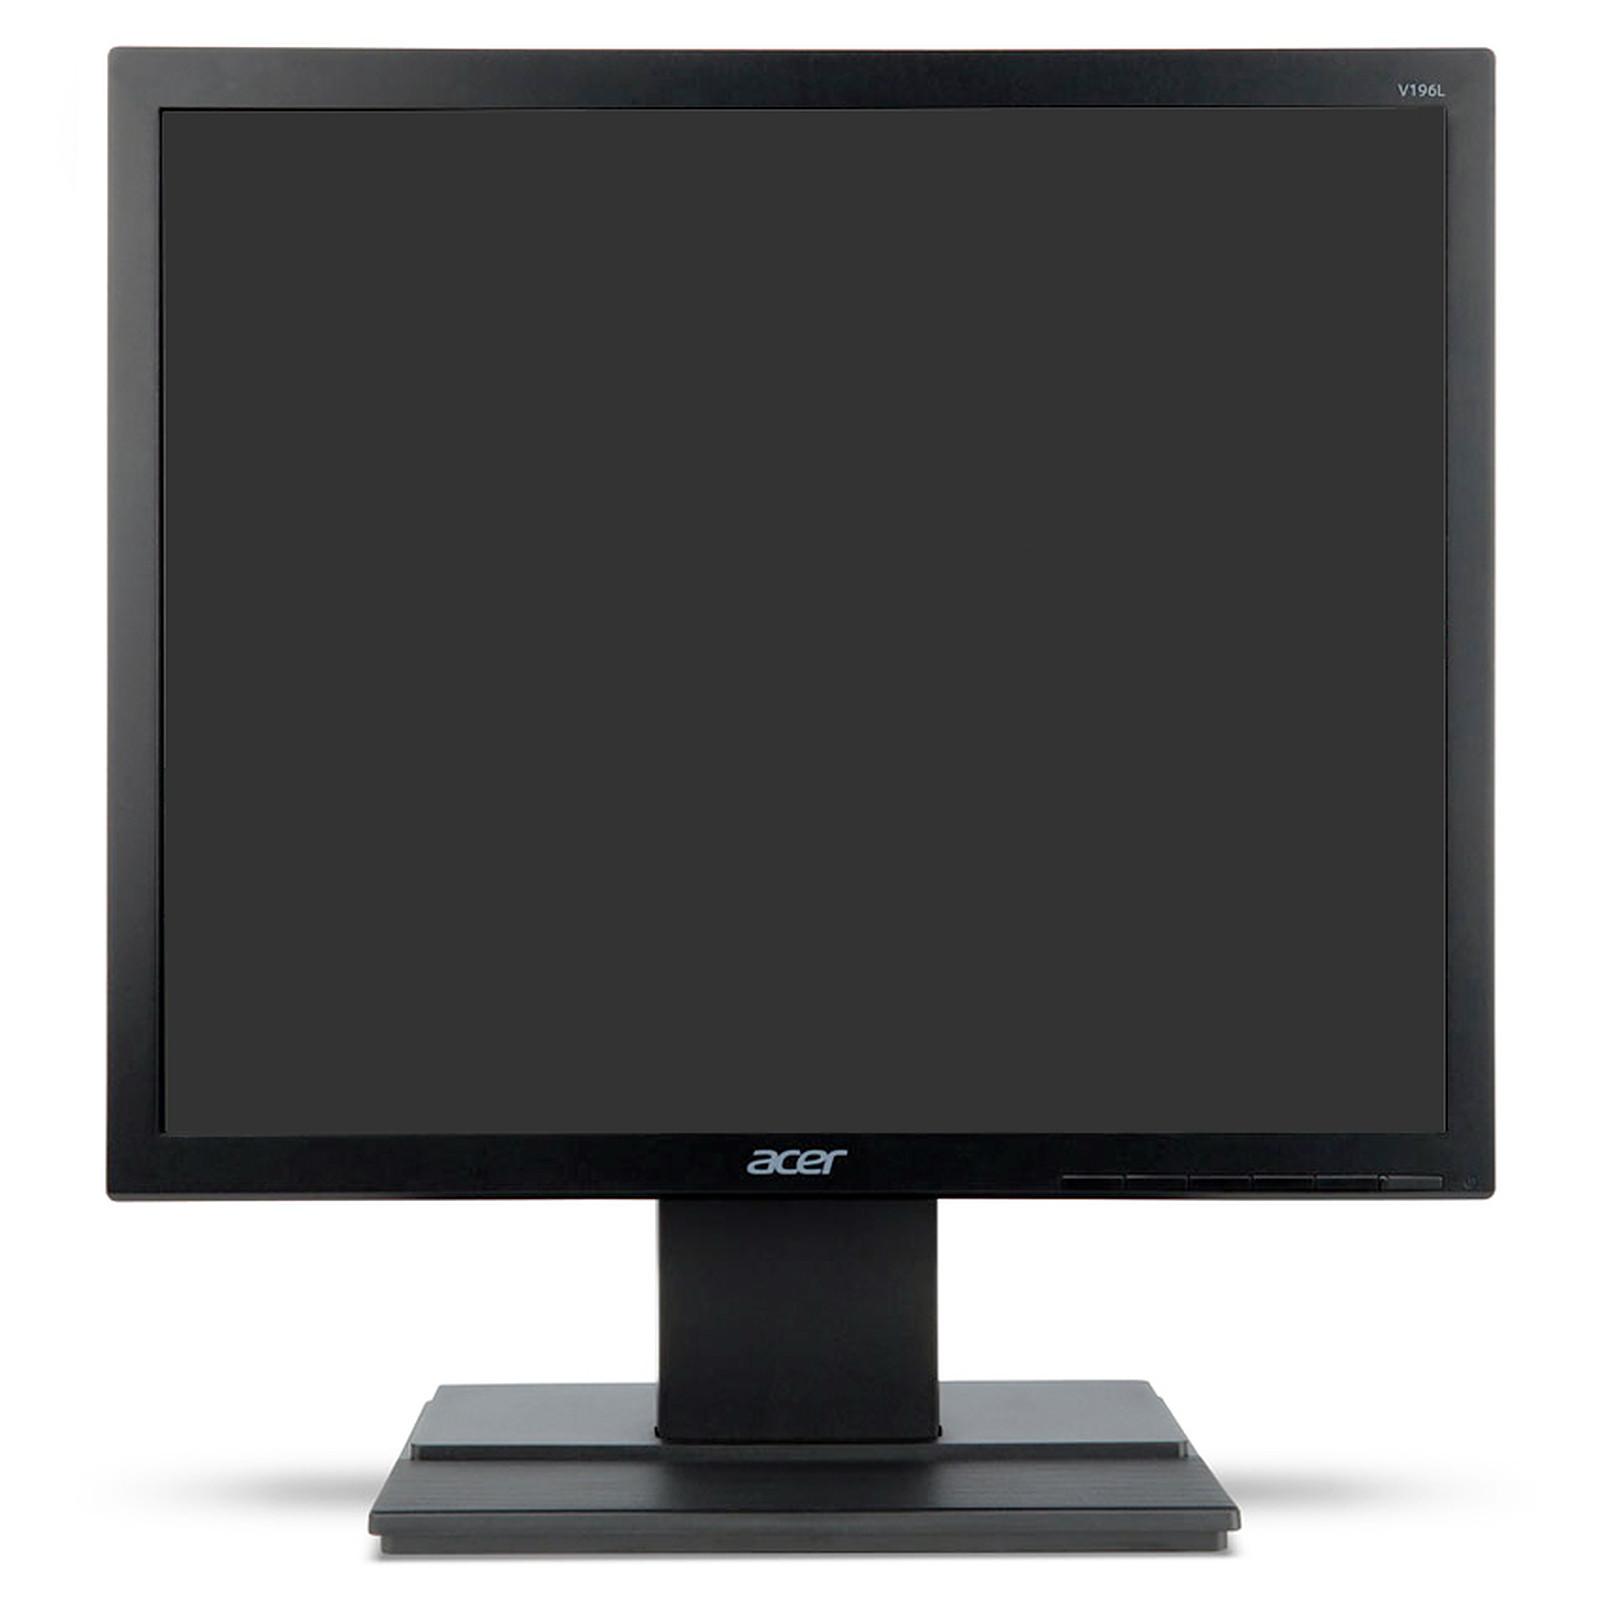 Acer 17 led v176lbmd ecran pc acer sur for Prix ecran ordinateur